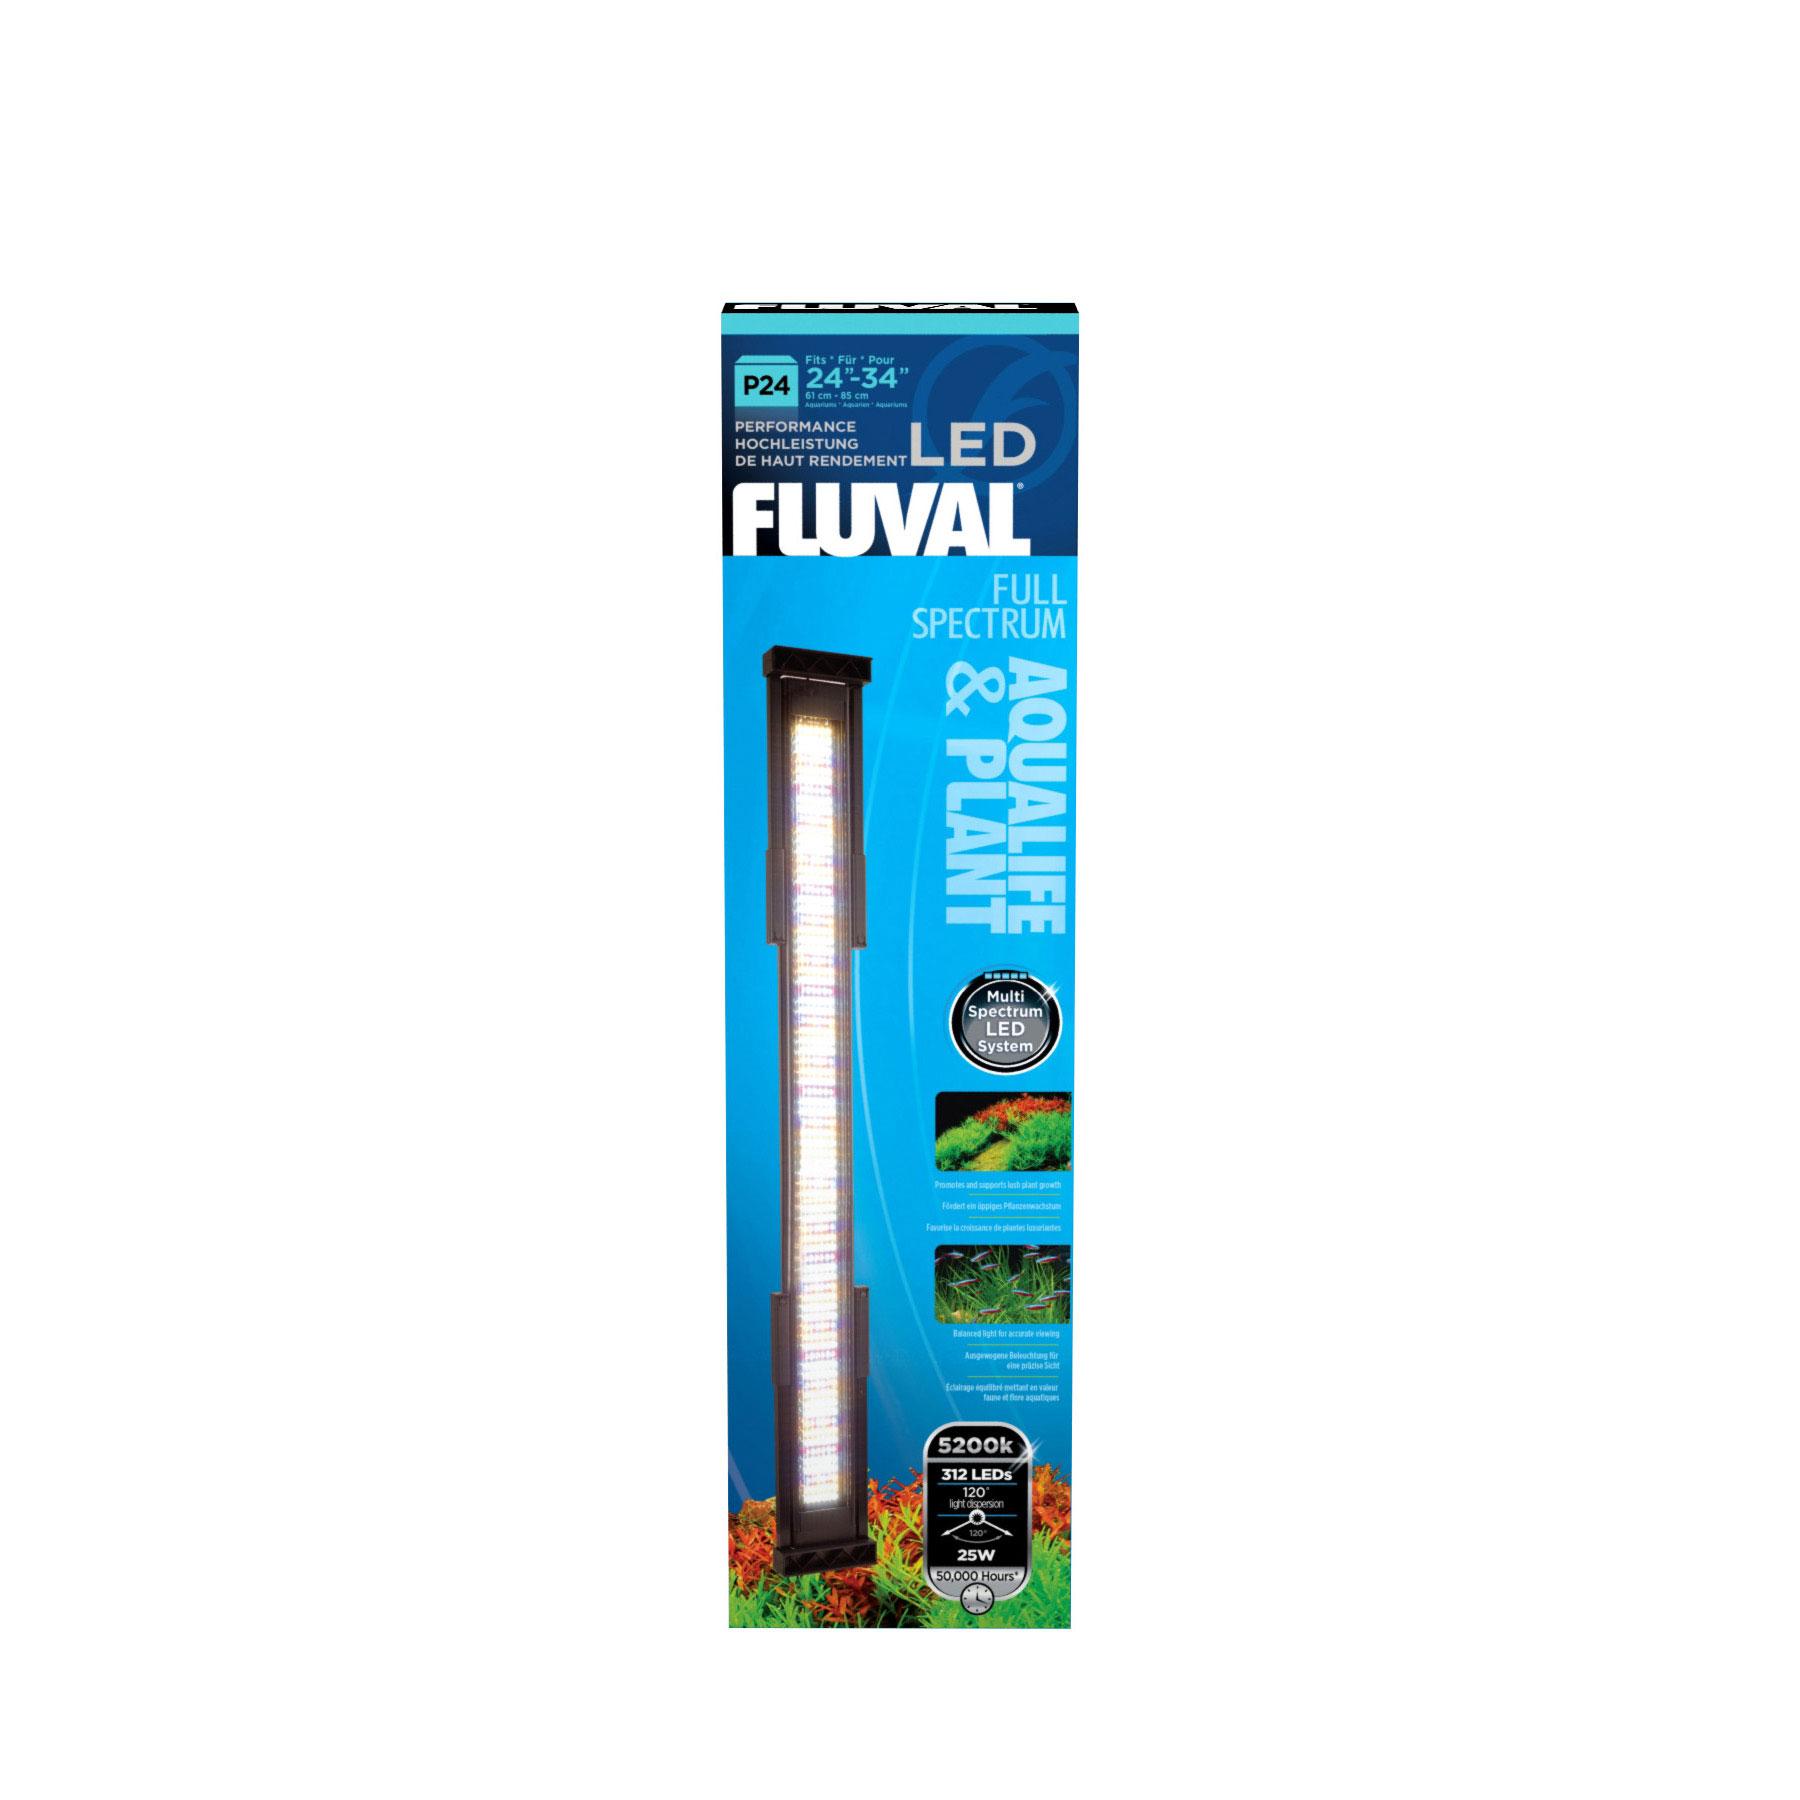 Fluval Aqualife & Plant Full Spectrum Performance LED Strip Light 25W